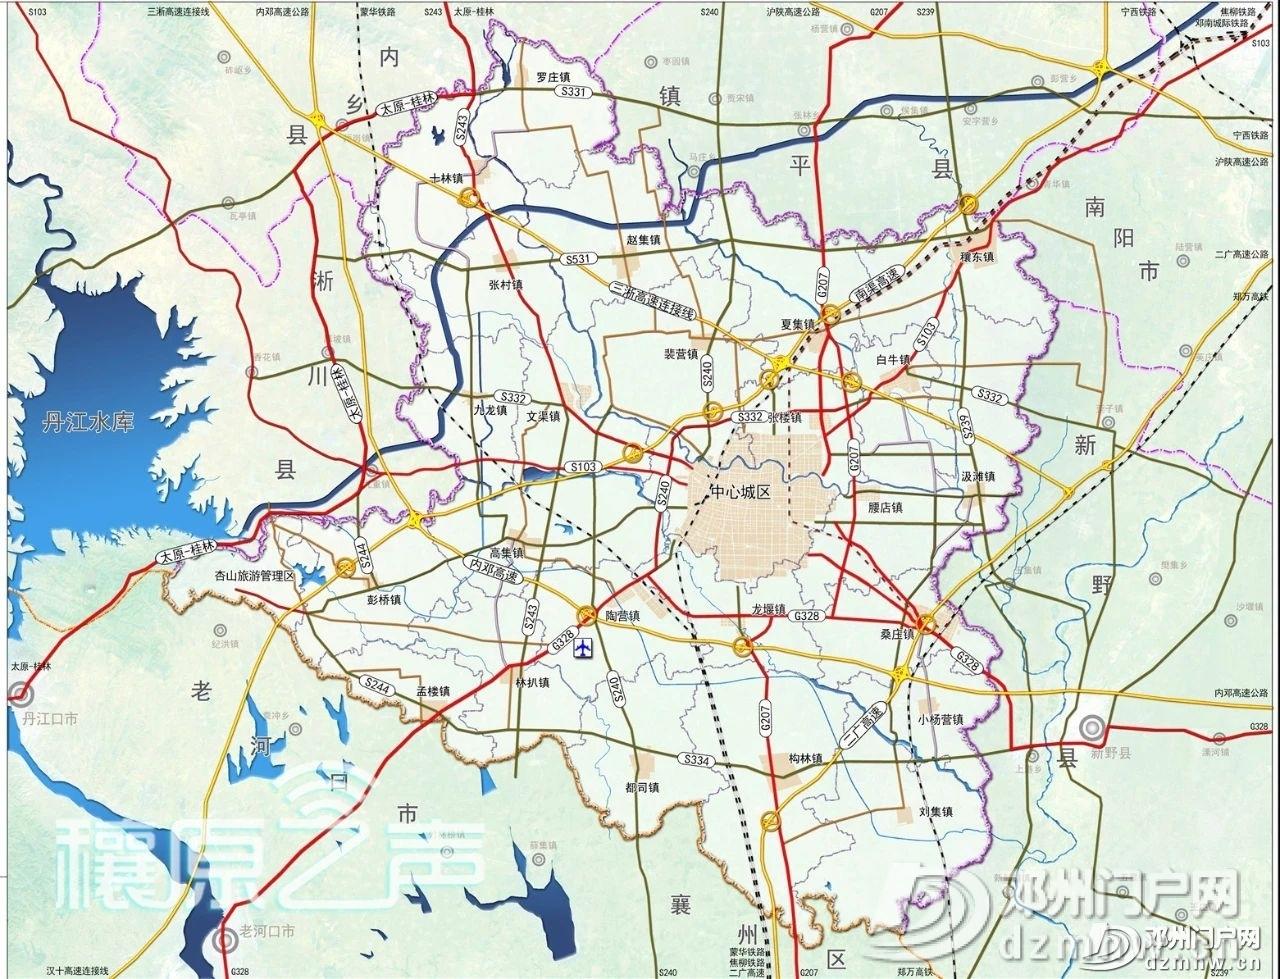 邓州乡镇交通综合排名!这个镇位列第一! - 邓州门户网|邓州网 - 56d2b7a3a31f662aac8c79b34d312c3a.jpg